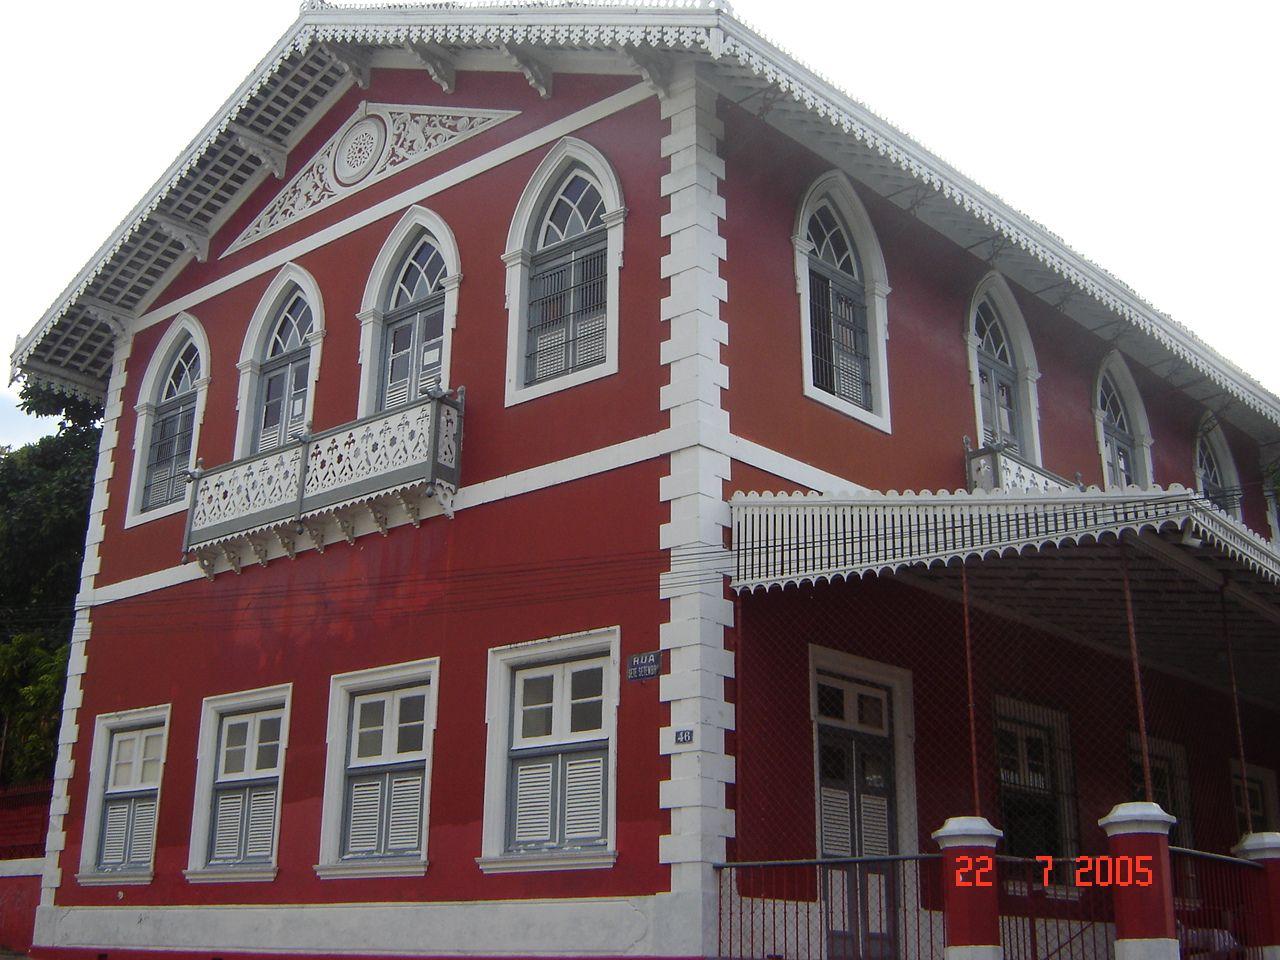 Olinda, Pernambuco - Brasil - Casa do conde Maurício de Nassau